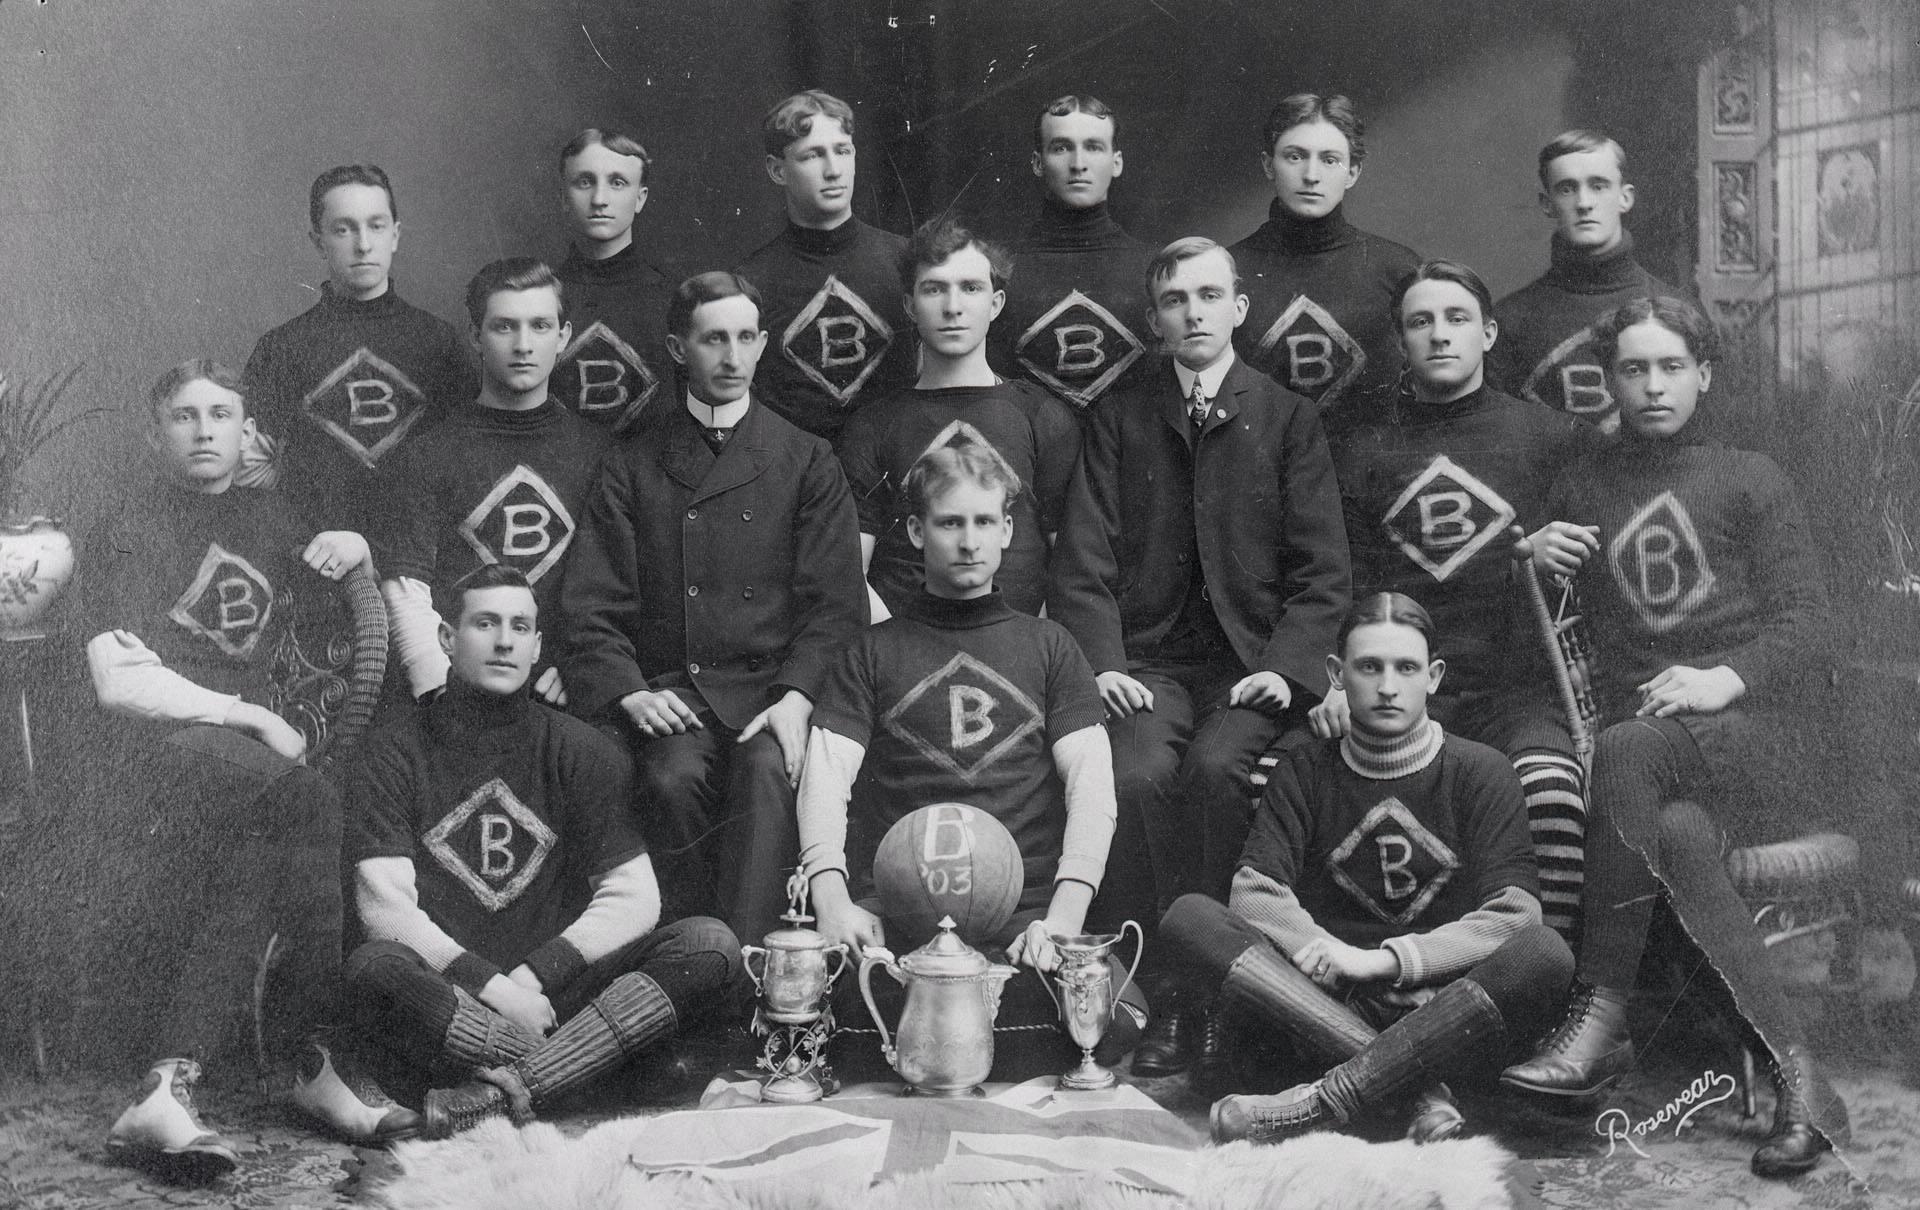 Broadview Baseball Team, 1910